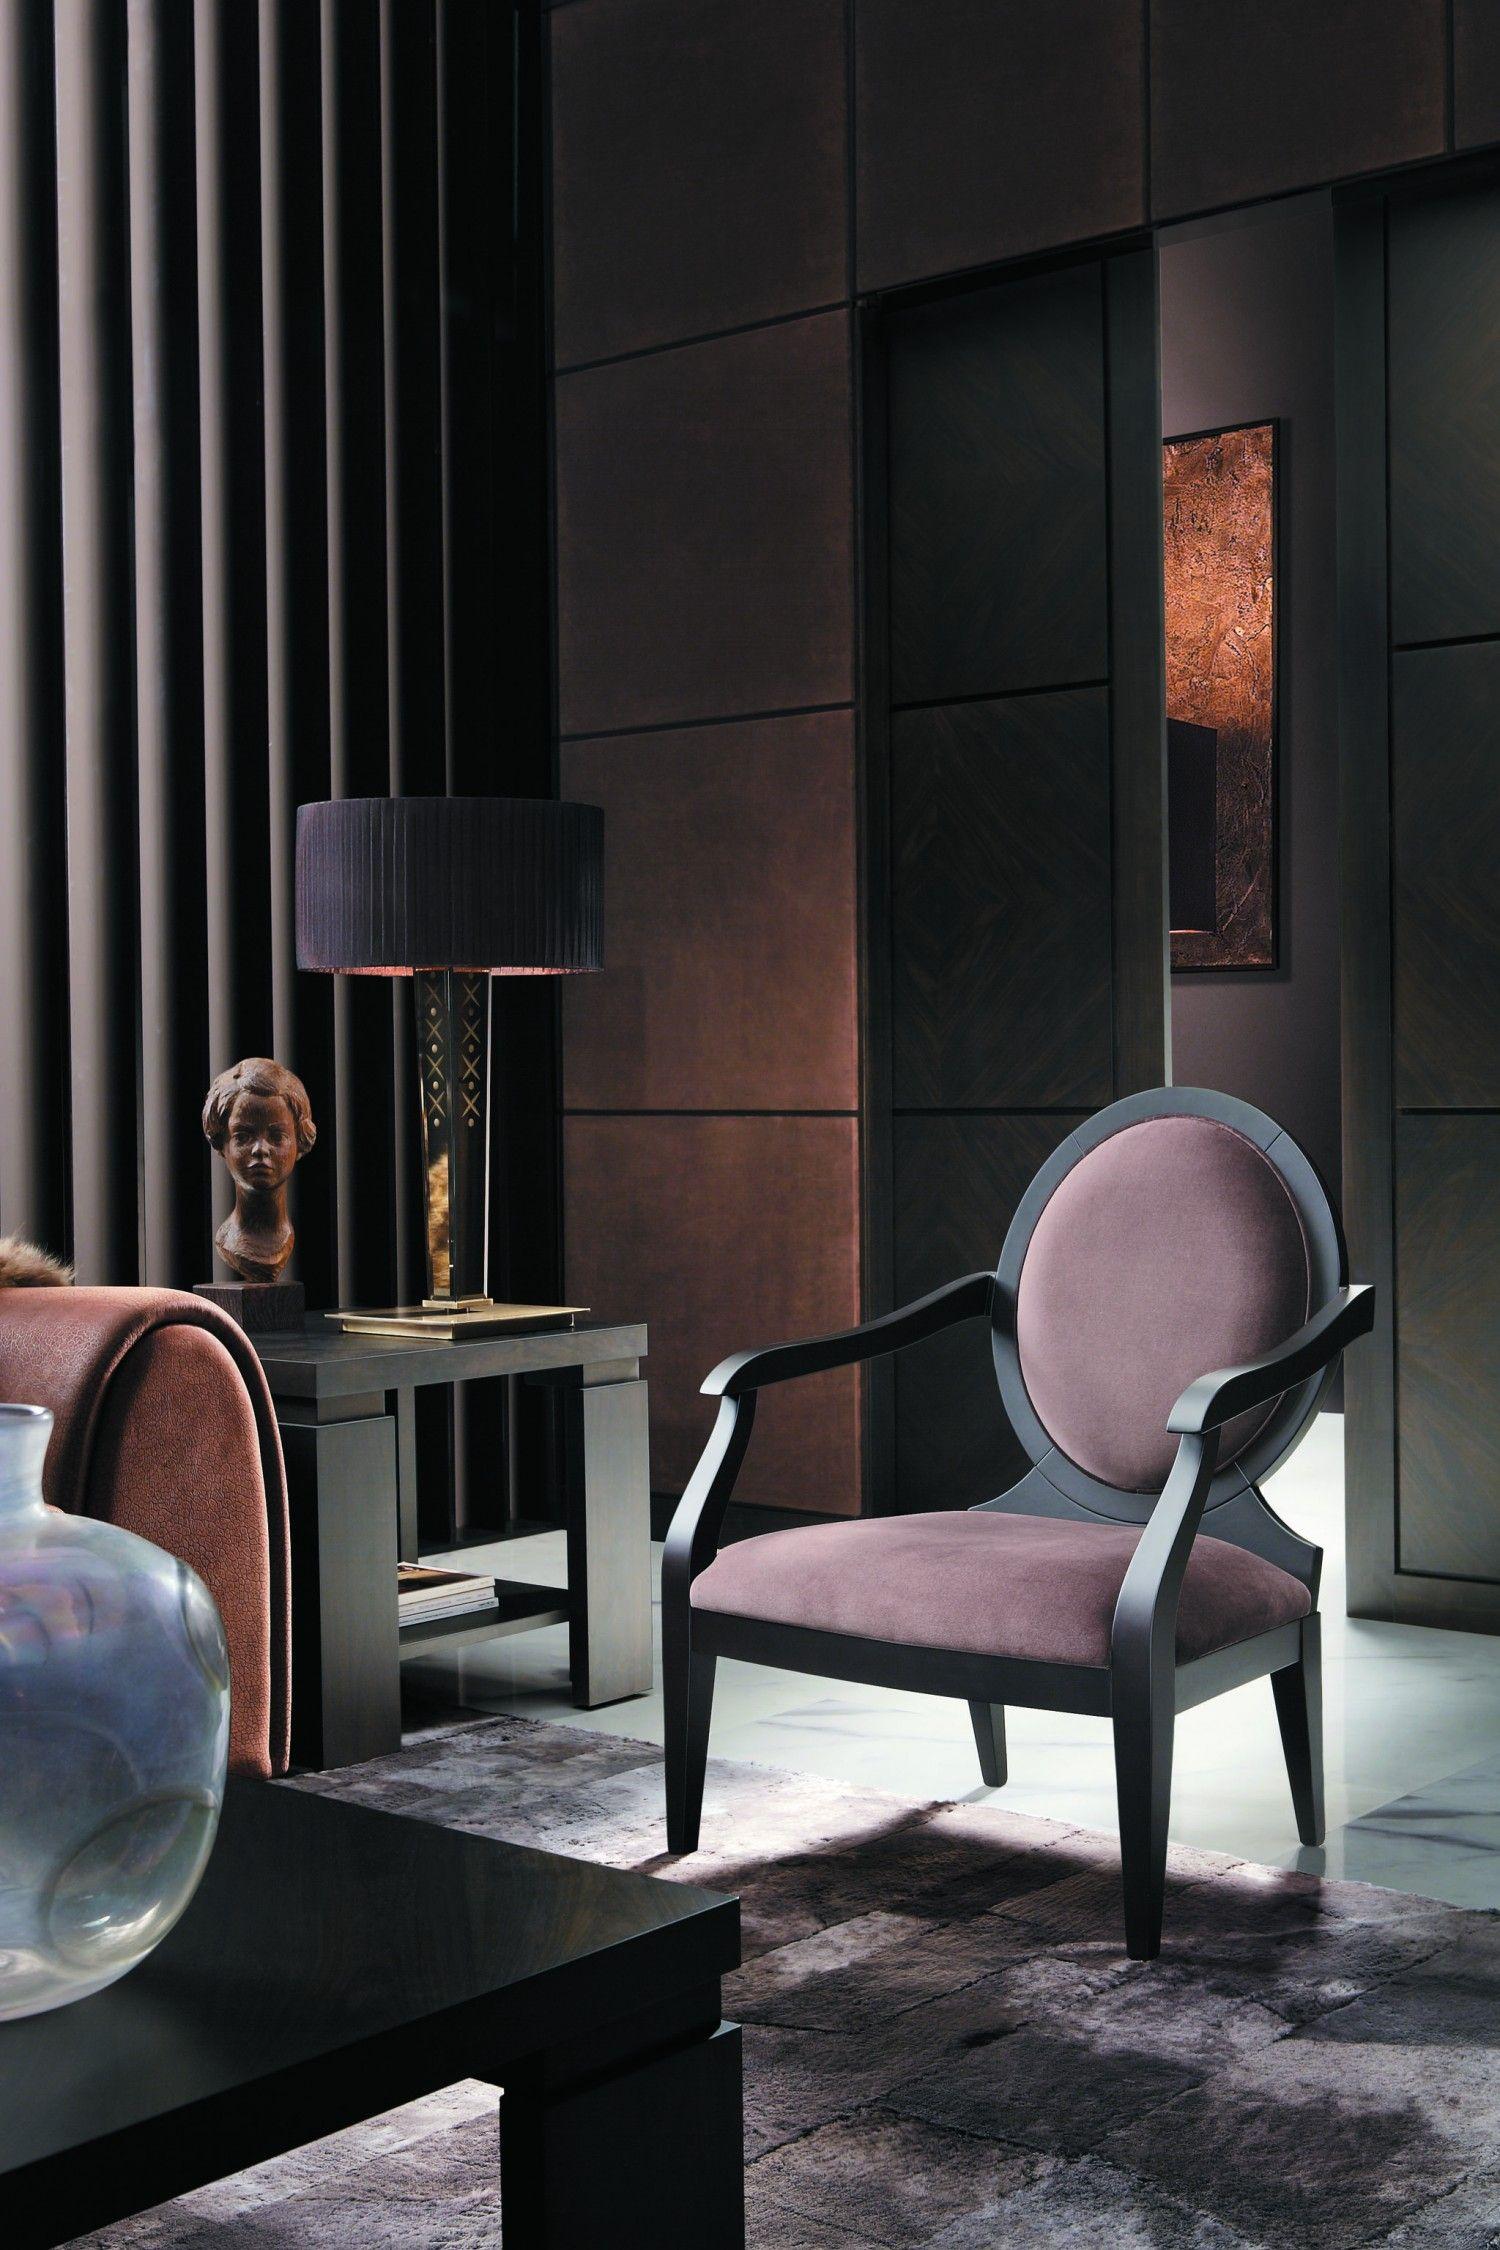 Boiserie B | Soggiorno moderno, Arredamento di lusso, Mobili